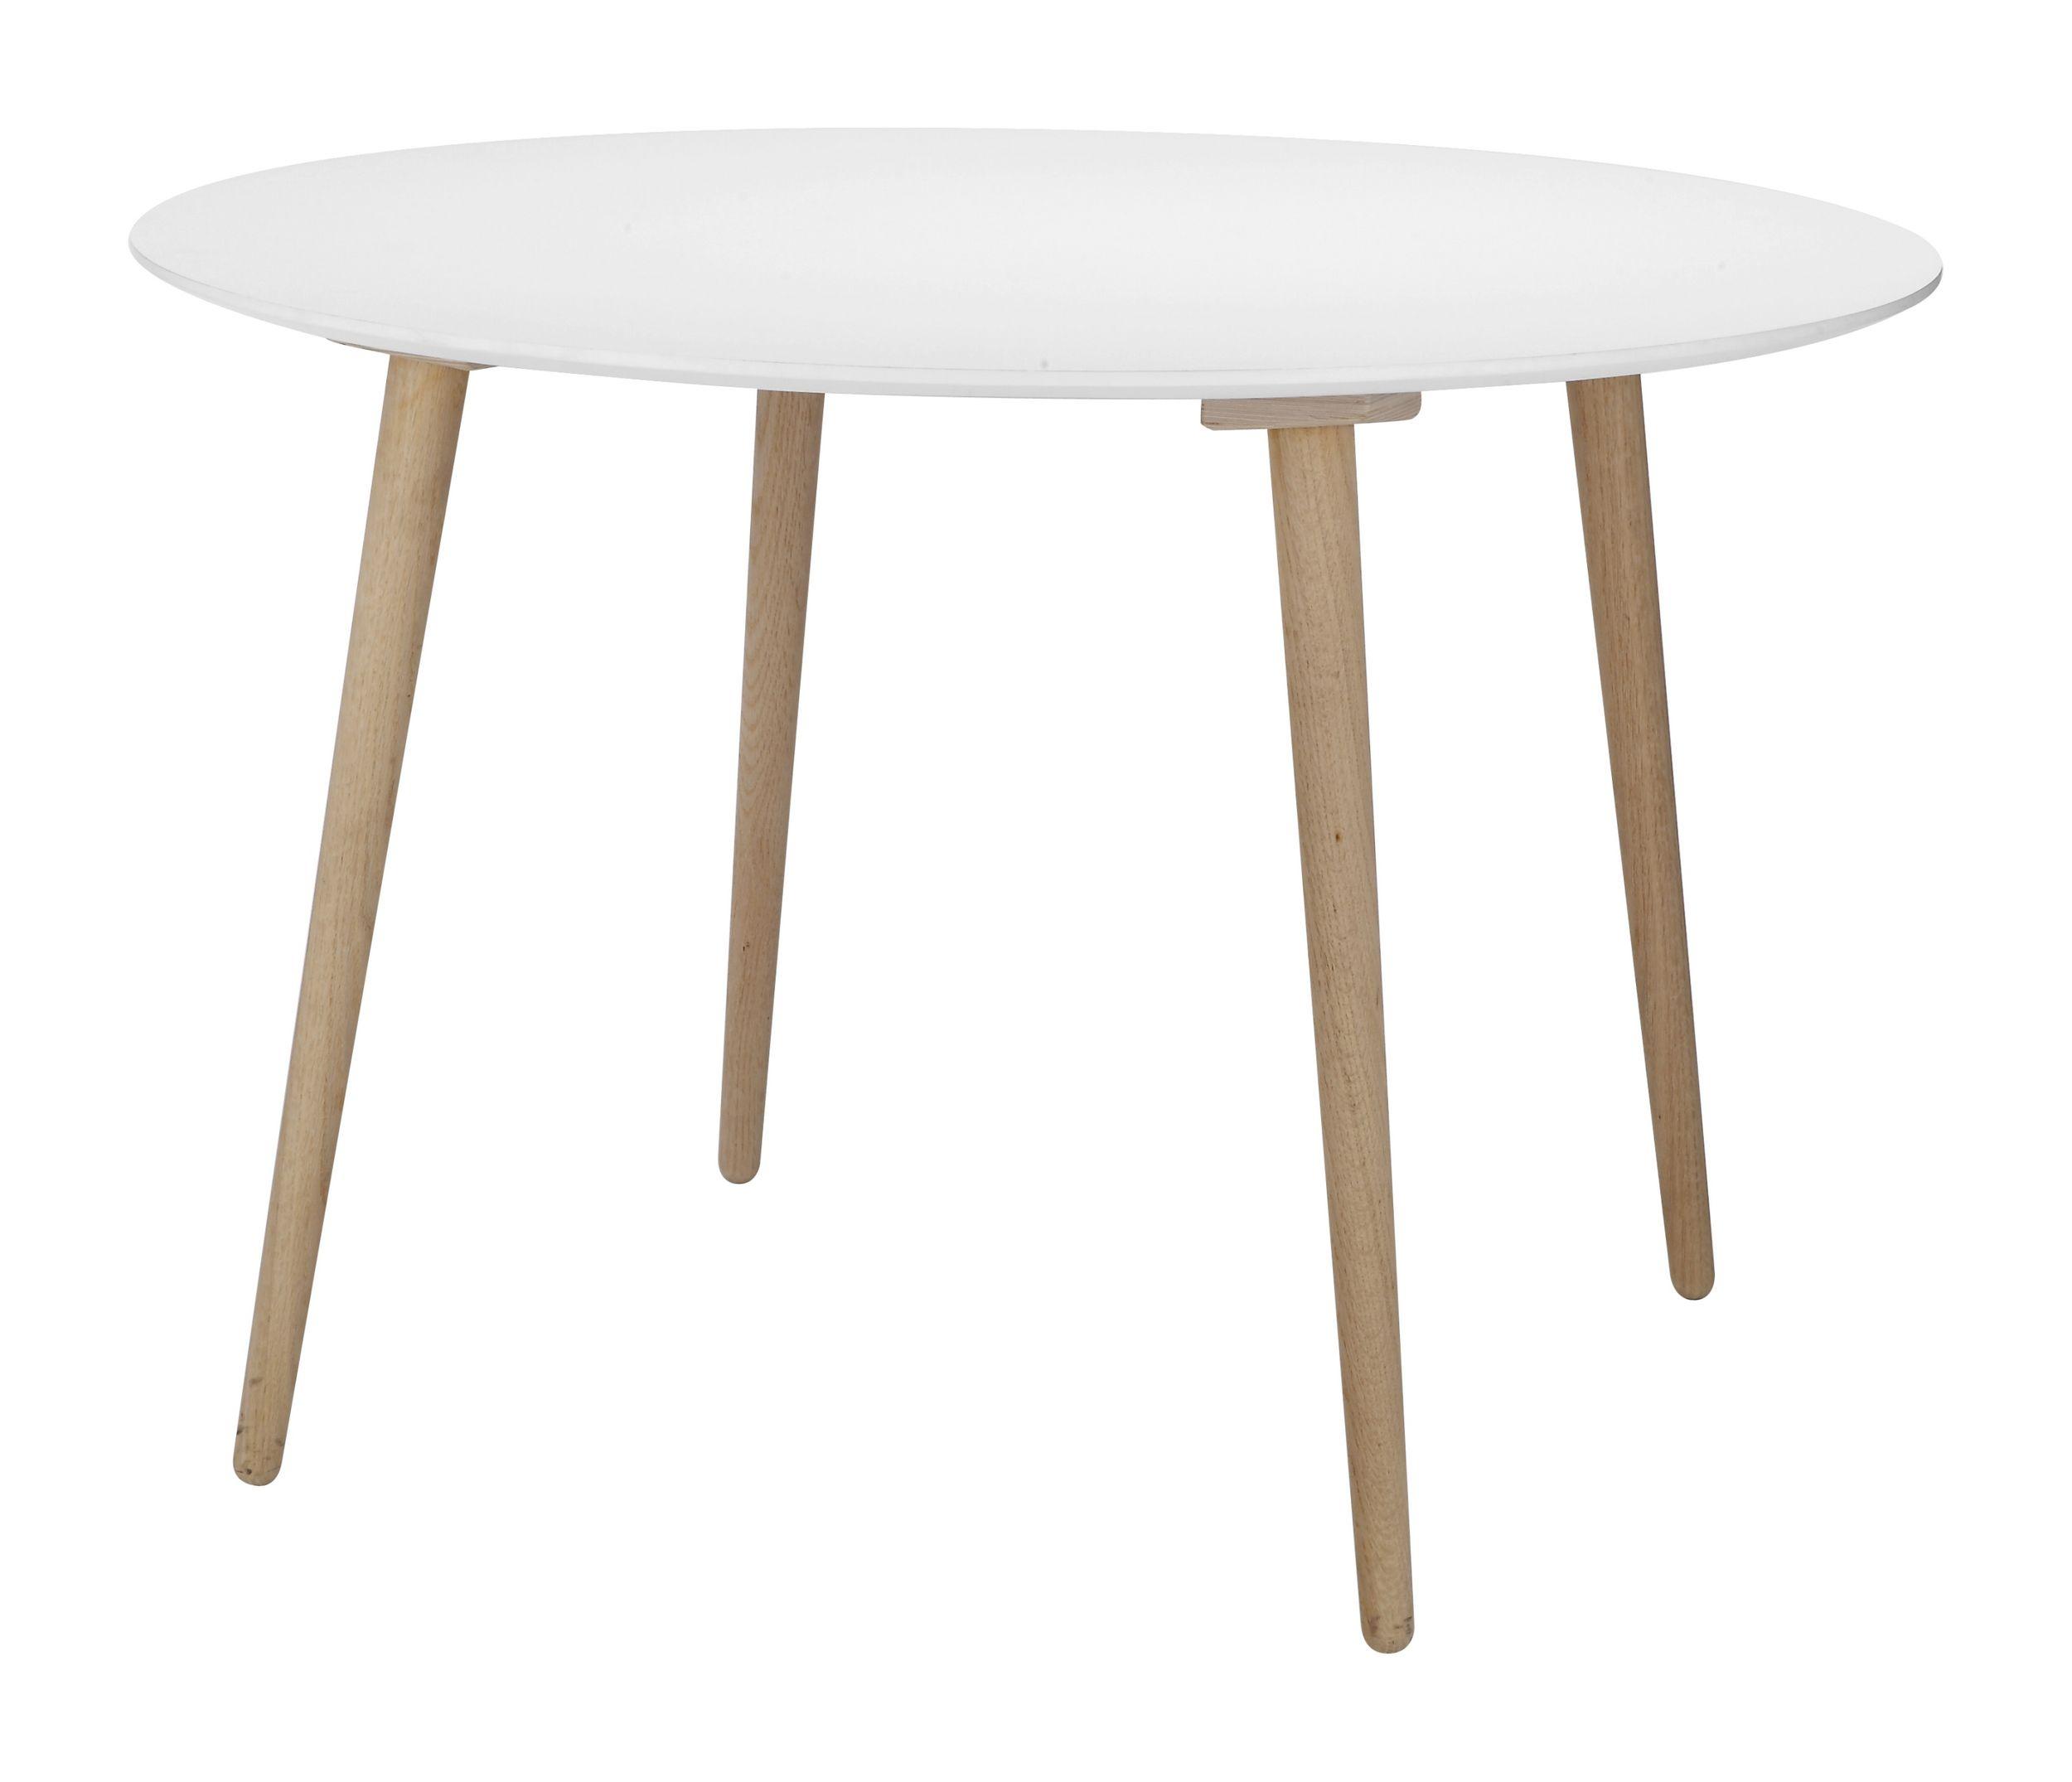 Runt matbord vit finns på pricepi.com.